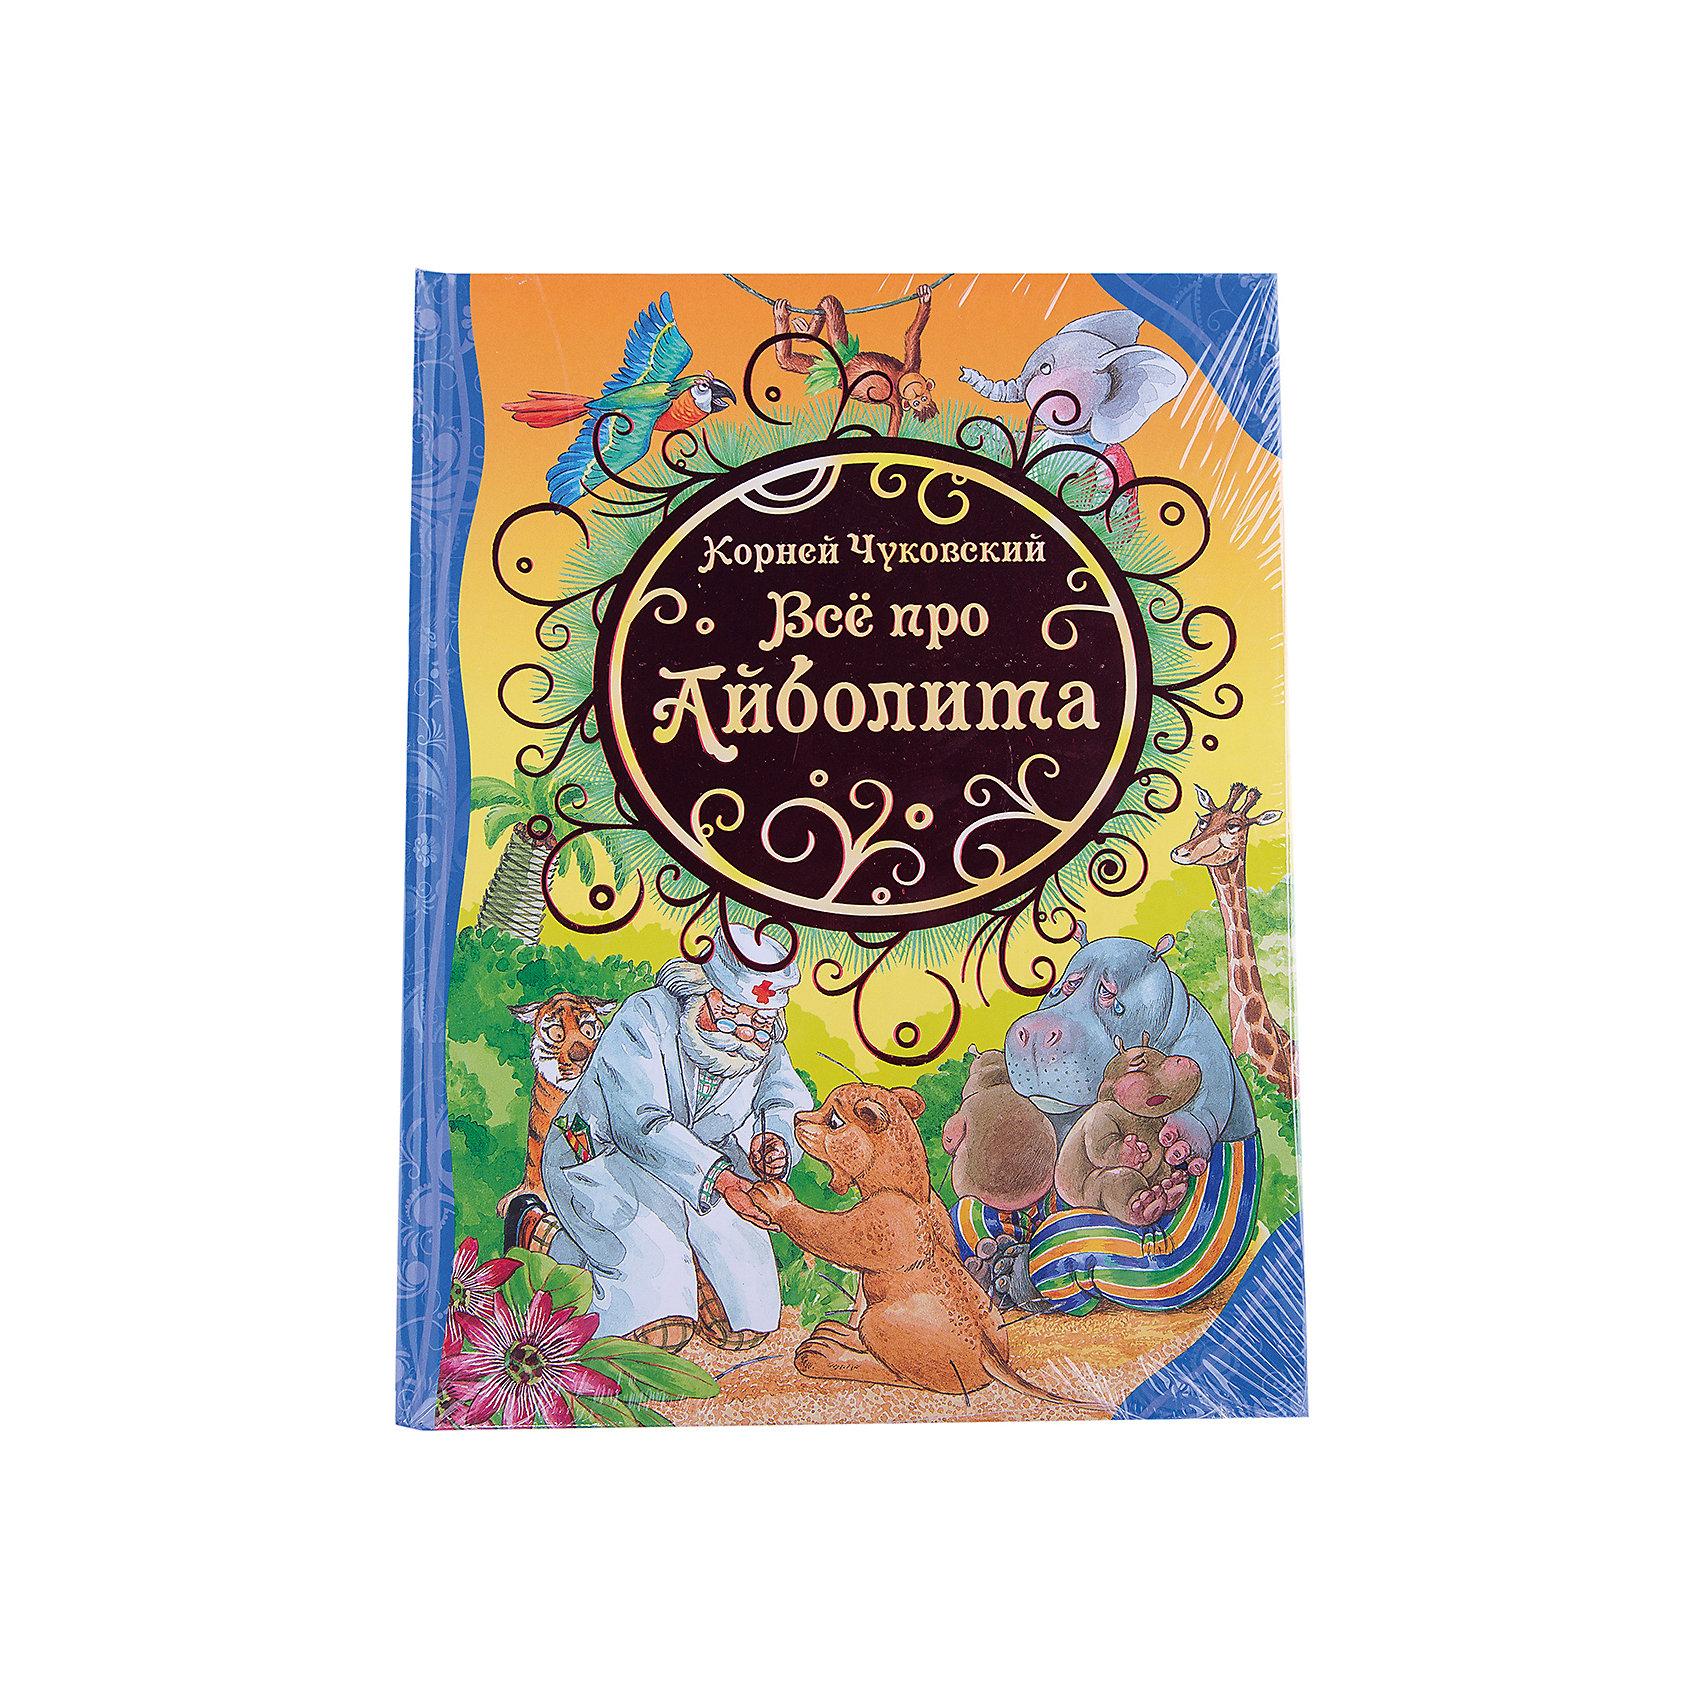 Все про Айболита, К. ЧуковскийРусские сказки<br>Книга К. Чуковского Все про Айболита от Росмэн - замечательное издание для детского чтения, которое займет достойное место в домашней библиотеке. В  превосходно изданной книге с яркими цветными иллюстрациями собраны всеми любимые истории о добром докторе Айболите в стихах и в прозе. <br><br>Дополнительная информация:<br><br>- Автор: Корней Чуковский.<br>- Художник: С. Набутовский. <br>- Серия: Все лучшие сказки.<br>- Обложка: твердая.<br>- Иллюстрации: цветные.<br>- Объем: 128 стр.<br>- Размер: 26,3 х 20,2 х 1,5 см.<br>- Вес: 0,53 кг.<br><br>Книгу К. Чуковского Все про Айболита, Росмэн можно купить в нашем интернет-магазине.<br><br>Ширина мм: 263<br>Глубина мм: 202<br>Высота мм: 15<br>Вес г: 510<br>Возраст от месяцев: 36<br>Возраст до месяцев: 72<br>Пол: Унисекс<br>Возраст: Детский<br>SKU: 3643240